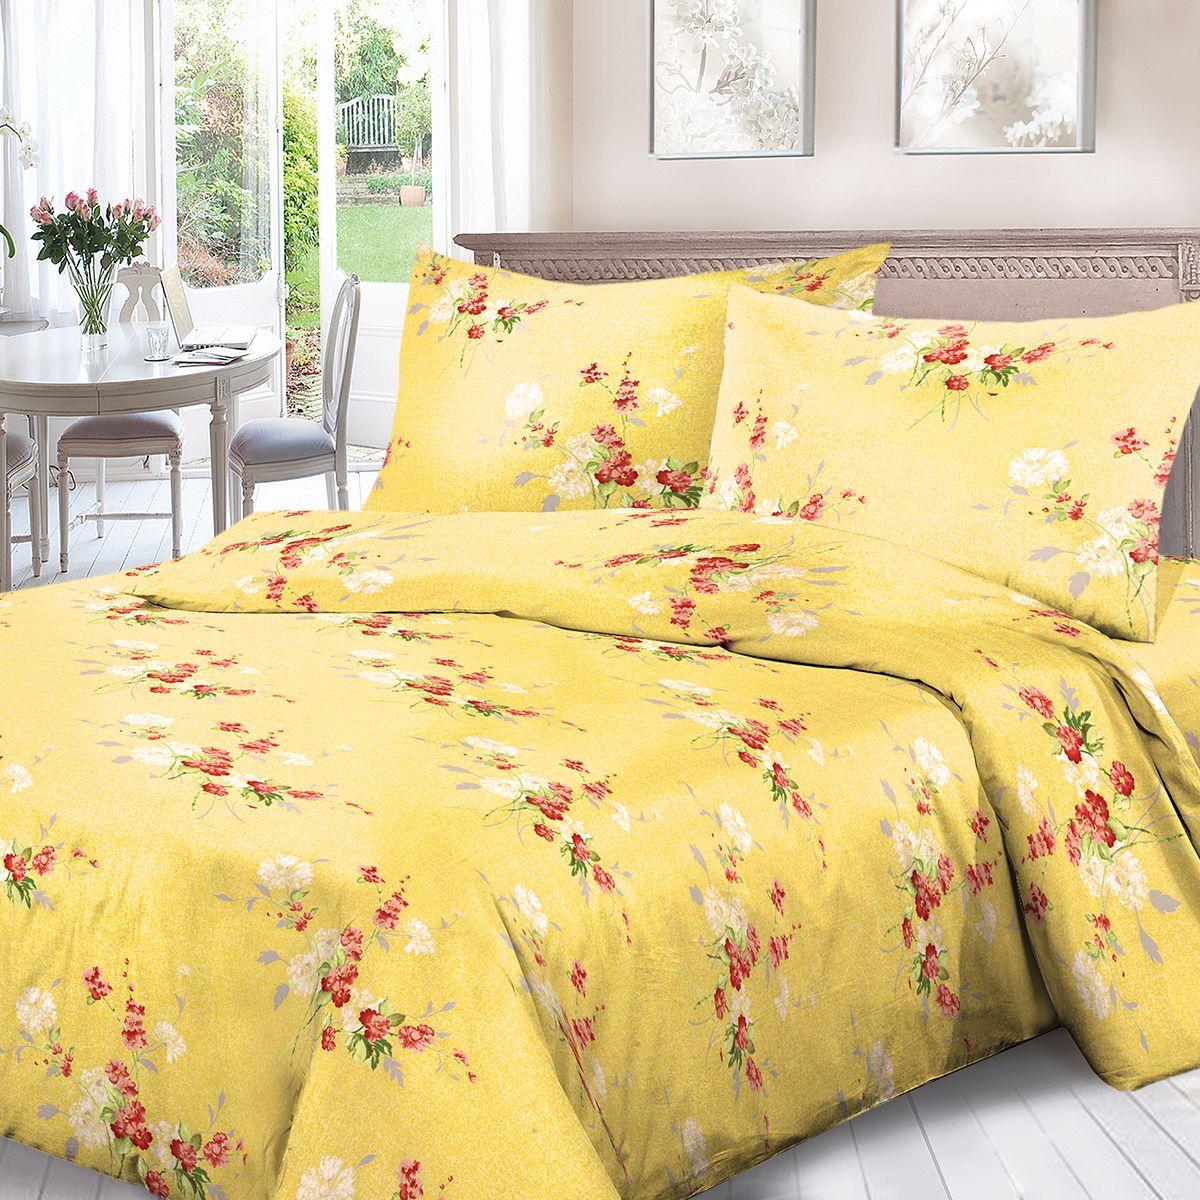 Комплект белья Для Снов Амброзия, 1,5-спальный, наволочки 70x70, цвет: желтый. 1536-187326Постельное белье Для Снов, выполненное из высококачественного поплина (ткань Традиция), в составе которого находится только 100% мерсеризованный хлопок - это идеальный выбор современной женщины. Преимущества:- Ткань прочнее обычной, при этом мягкая и шелковистая;- Цвета яркие и устойчивые;- Высокая гигроскопичность;- Меньше мнется, не линяет и не садится при многократных стирках;При производстве используются только безопасные красители ведущего швейцарского производителя BEZEMA.Восхитительная упаковка придает комплекту подарочный вид. В комплекте: пододеяльник (145 х 215 см), 2 наволочки (70х70 см), простыня (150 х 215 см).